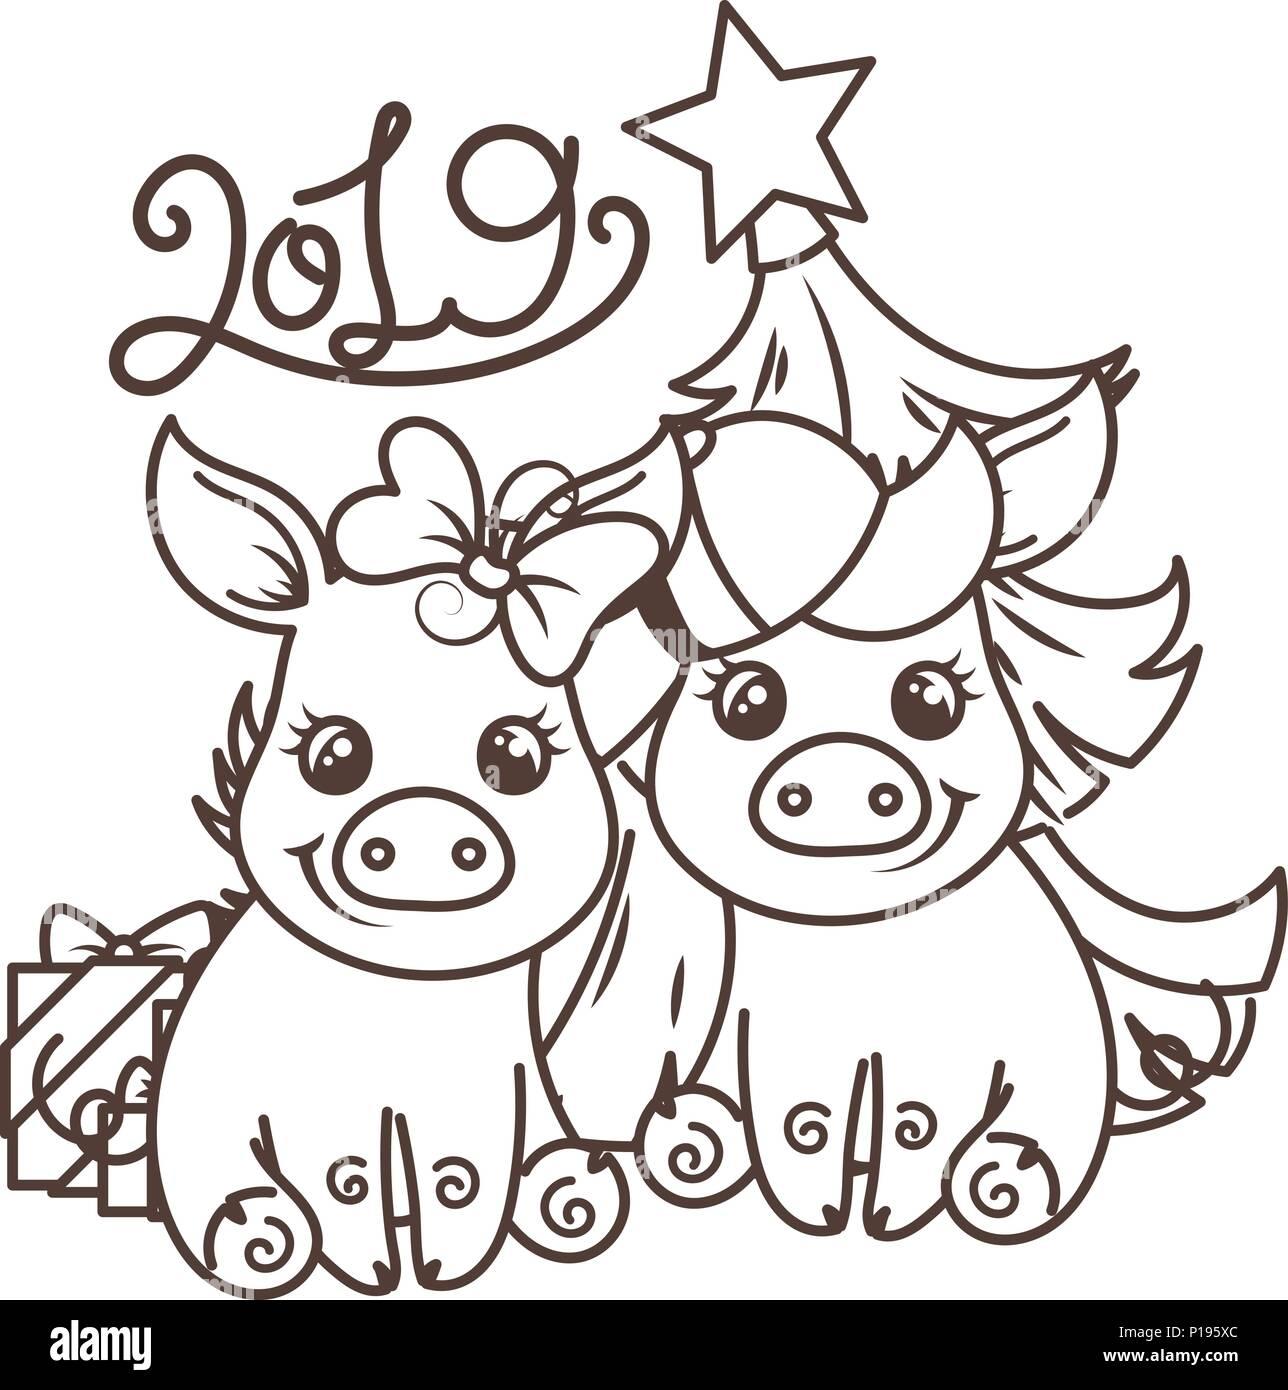 frohes neues 2019 jahr karte mit cartoon baby schwein